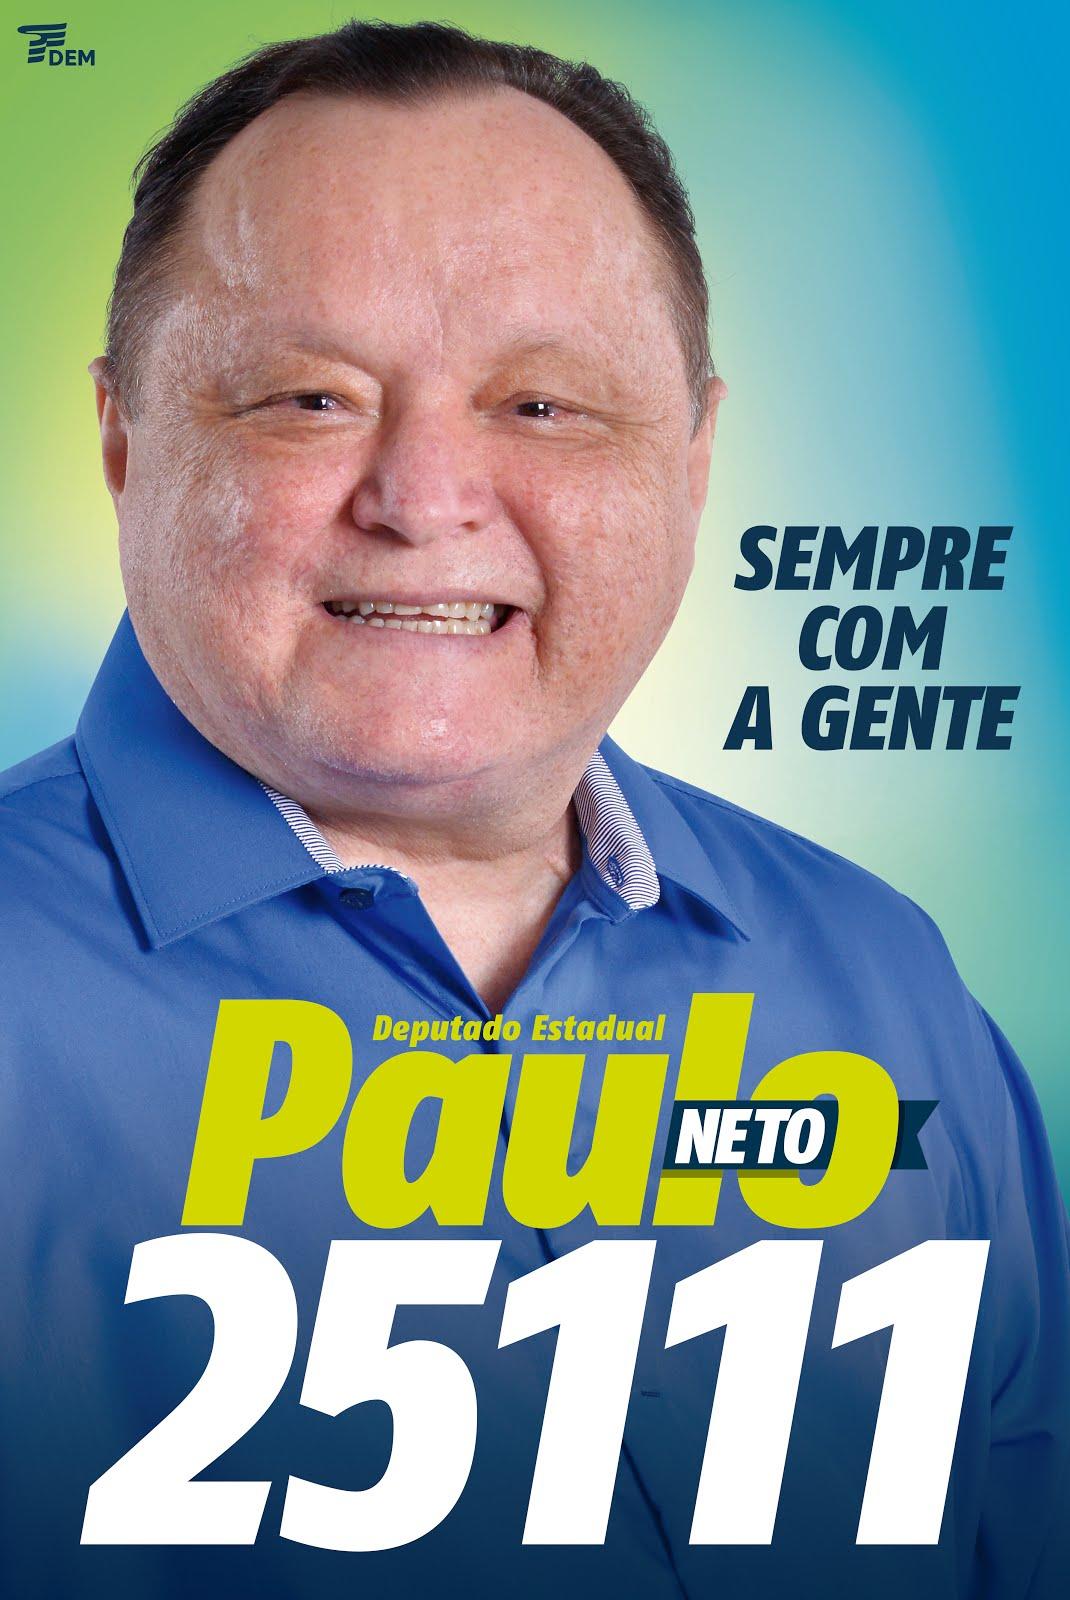 DEPUTADO ESTADUAL PAULO NETO